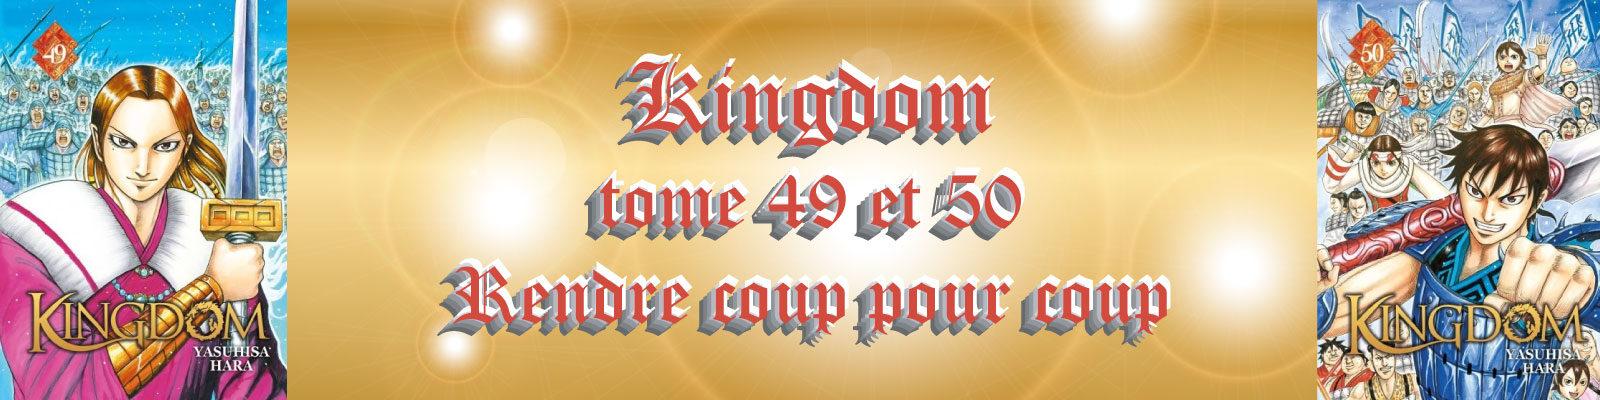 Kingdom-Vol.-49